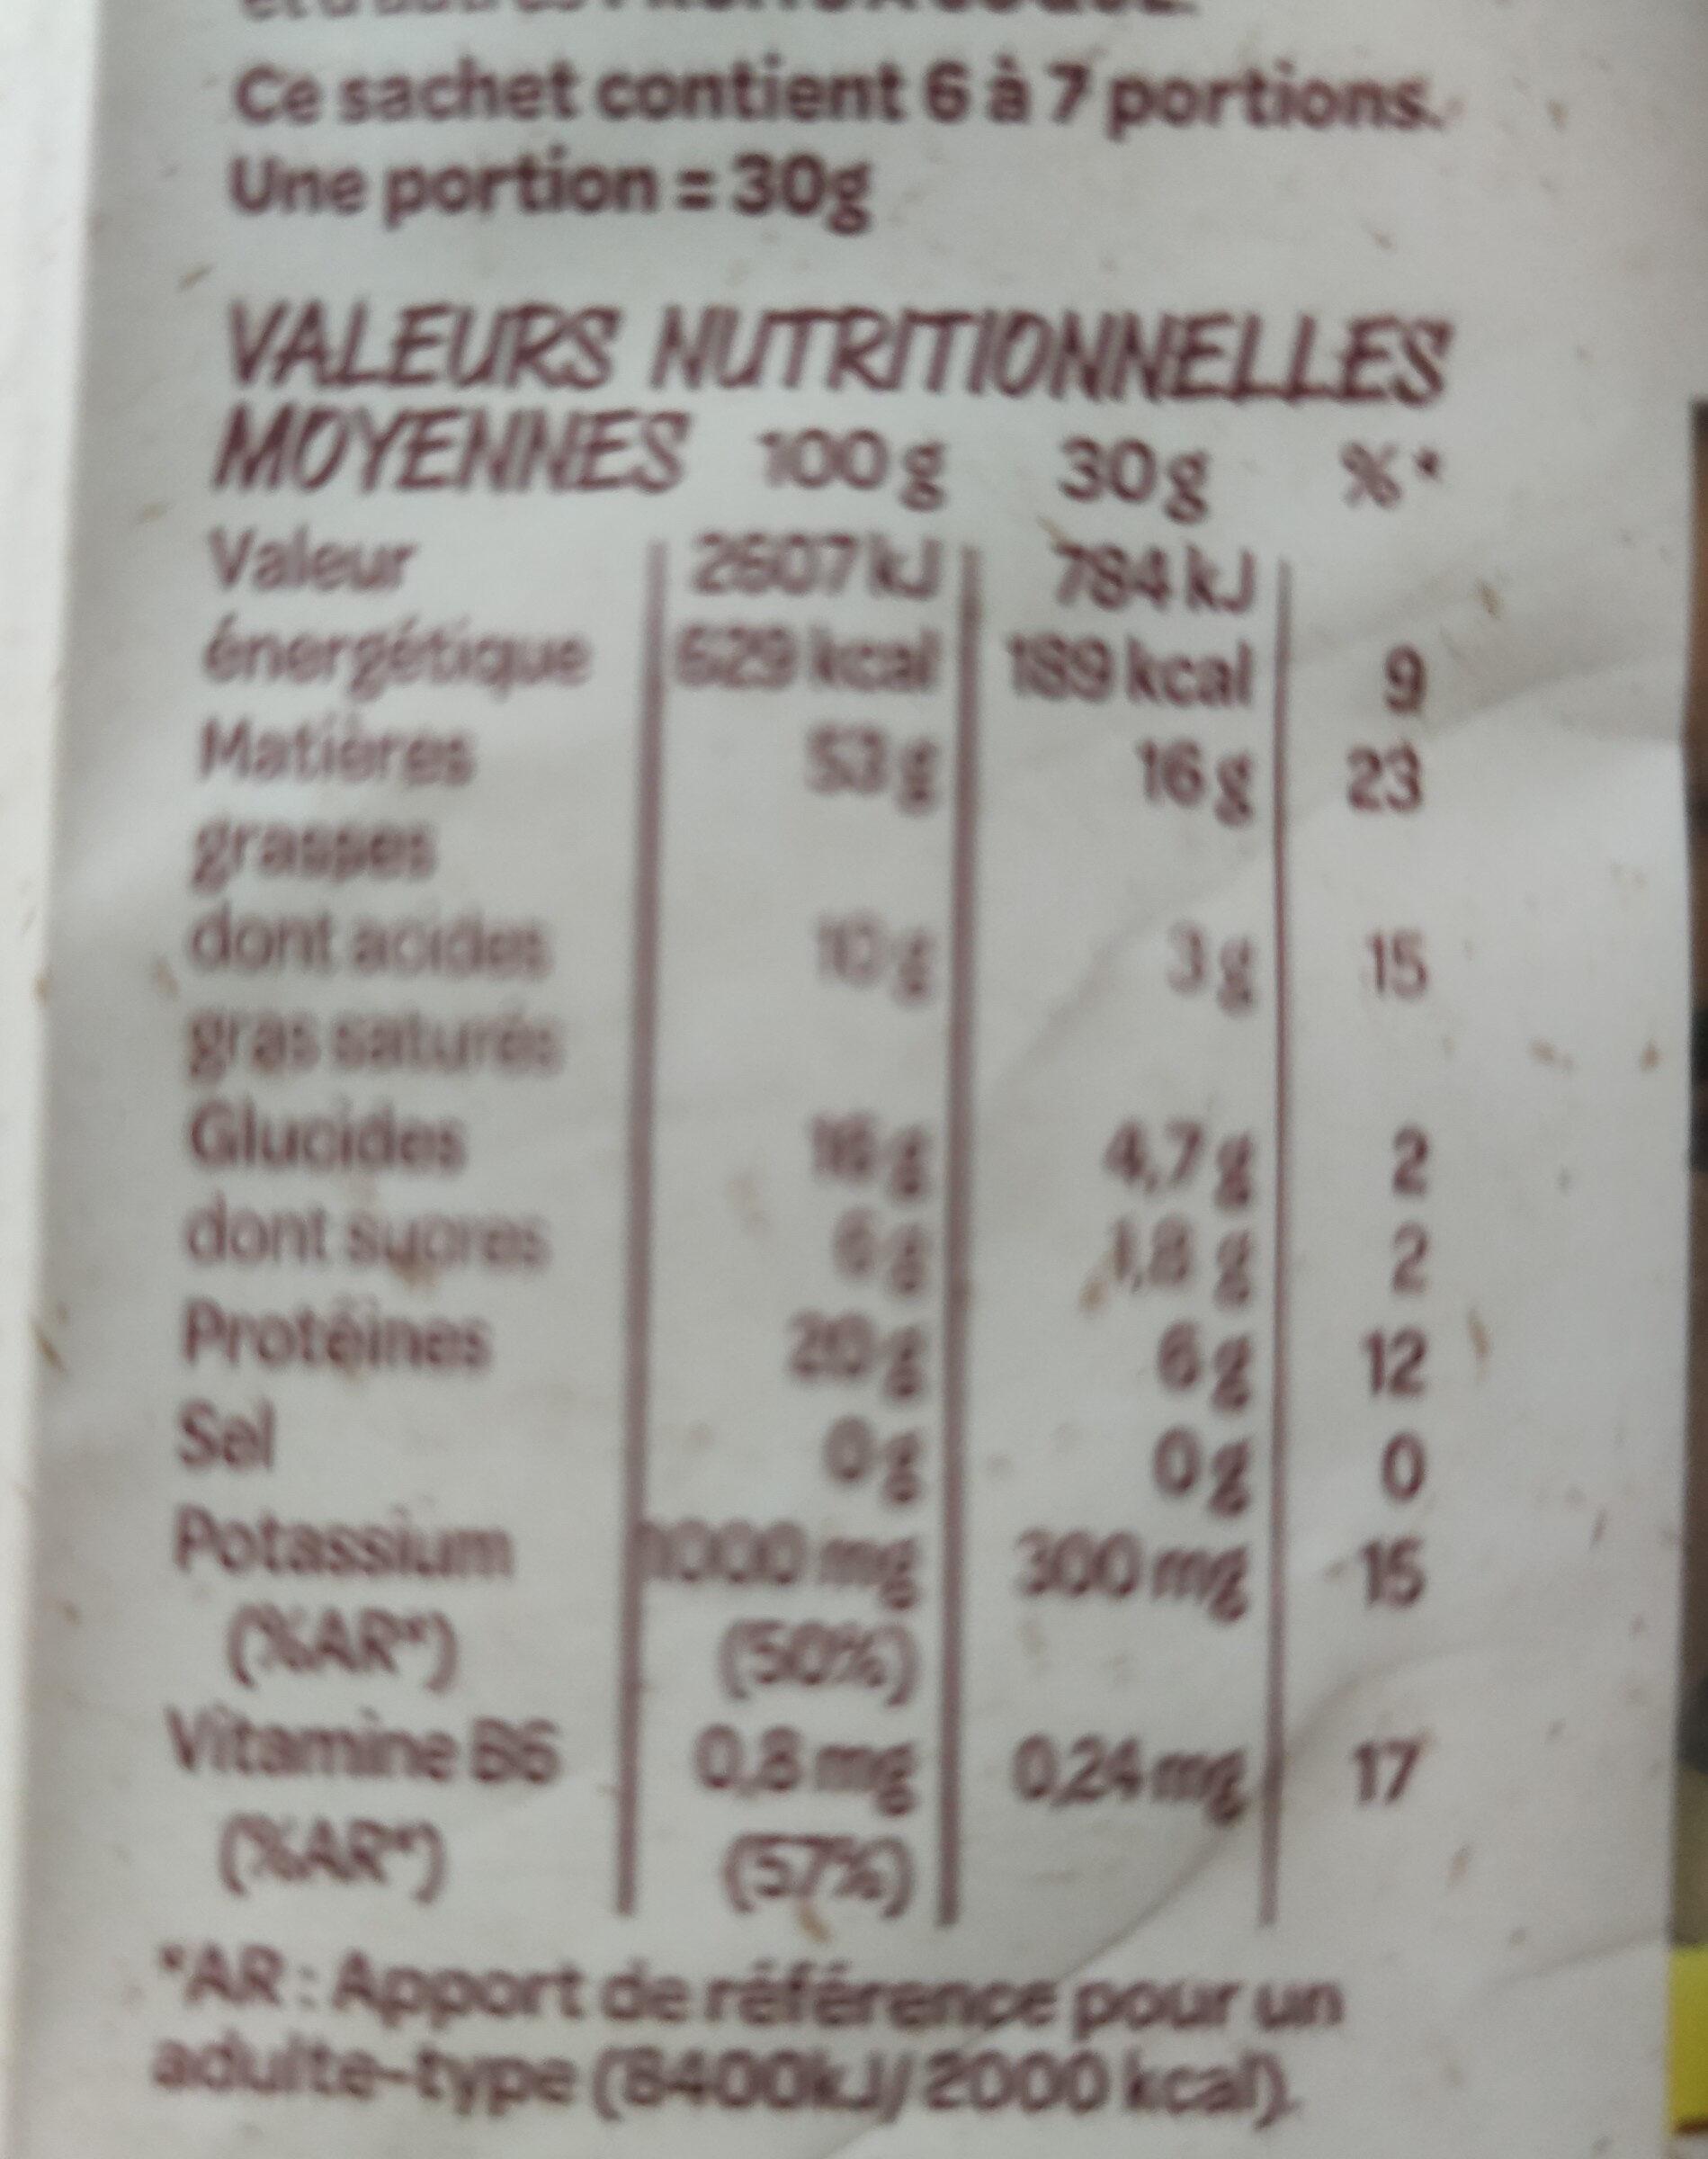 Pistaches grillées - Nutrition facts - fr